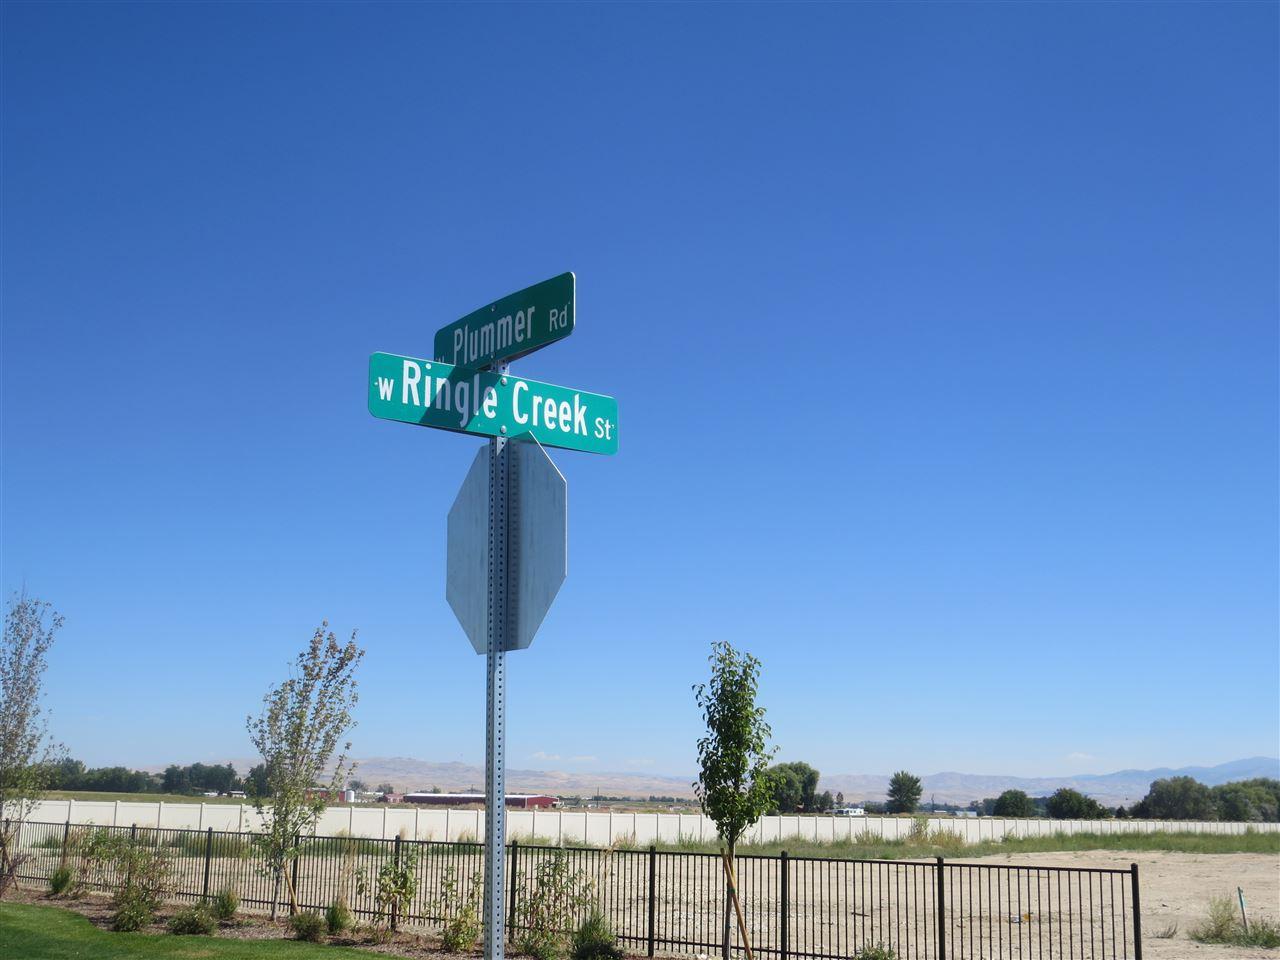 9460 W Ringle Creek St., Star, ID 83669